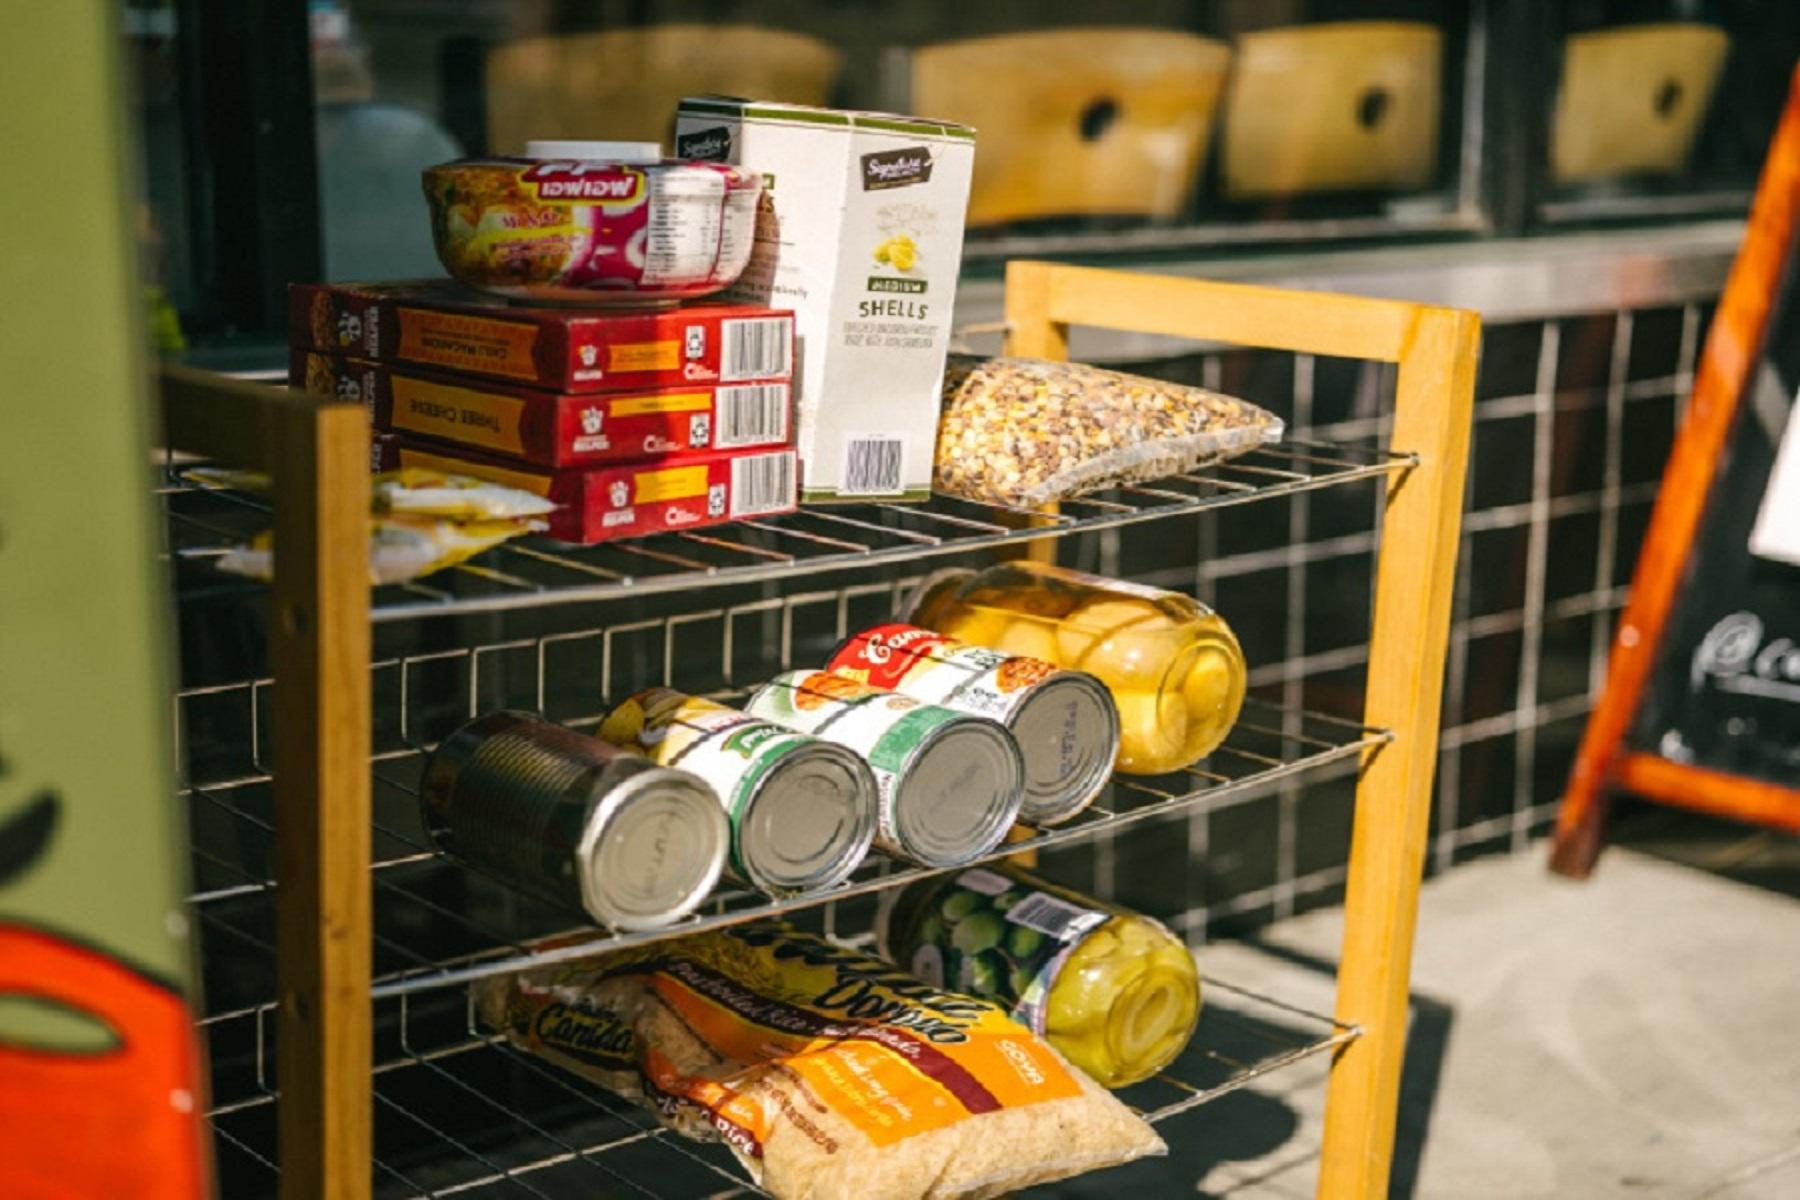 Νέα Υόρκη Επισιτισμός: Τα ντουλάπια τροφίμων στεγνώνουν καθώς η ανεργία ανεβαίνει